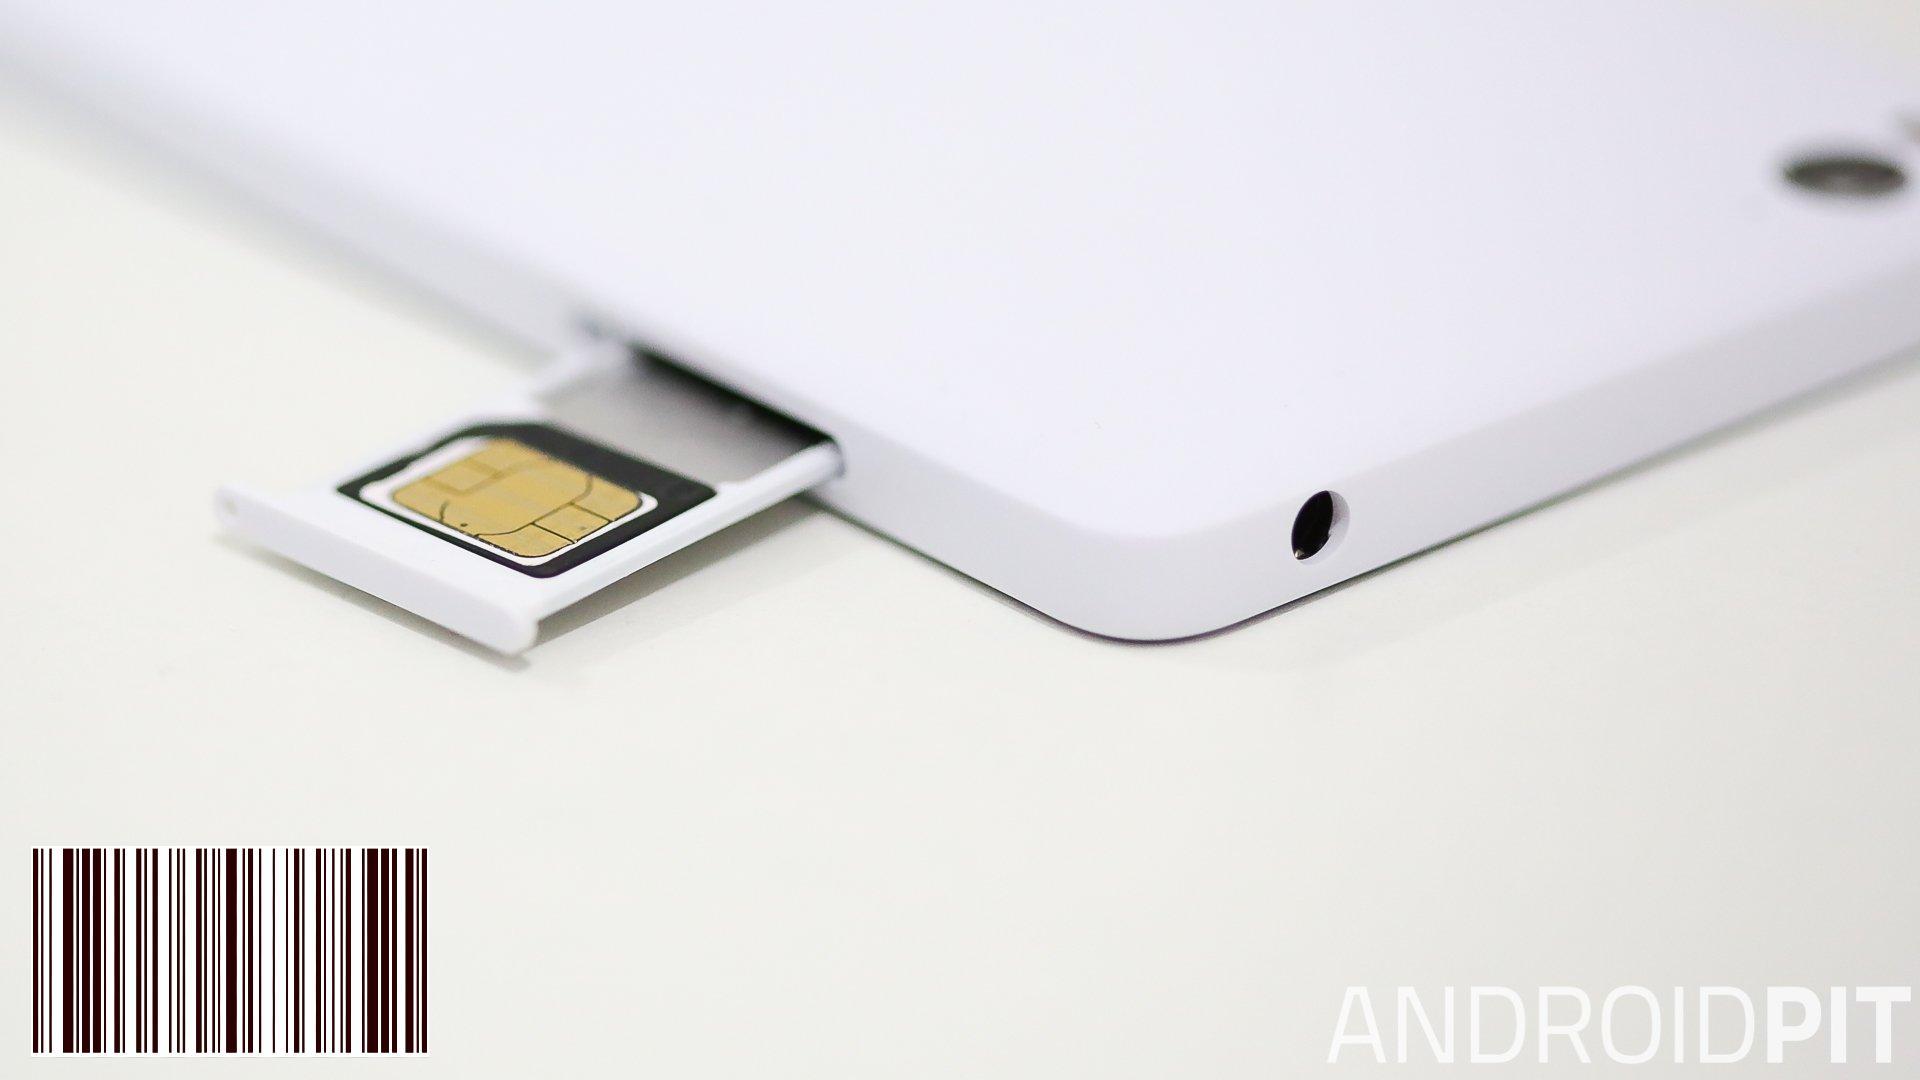 تقول الاستشارات أن الجيل الثالث 3G قد ينتهي من الوجود: هل سيكون جيدًا أم سيئًا بالنسبة لك؟